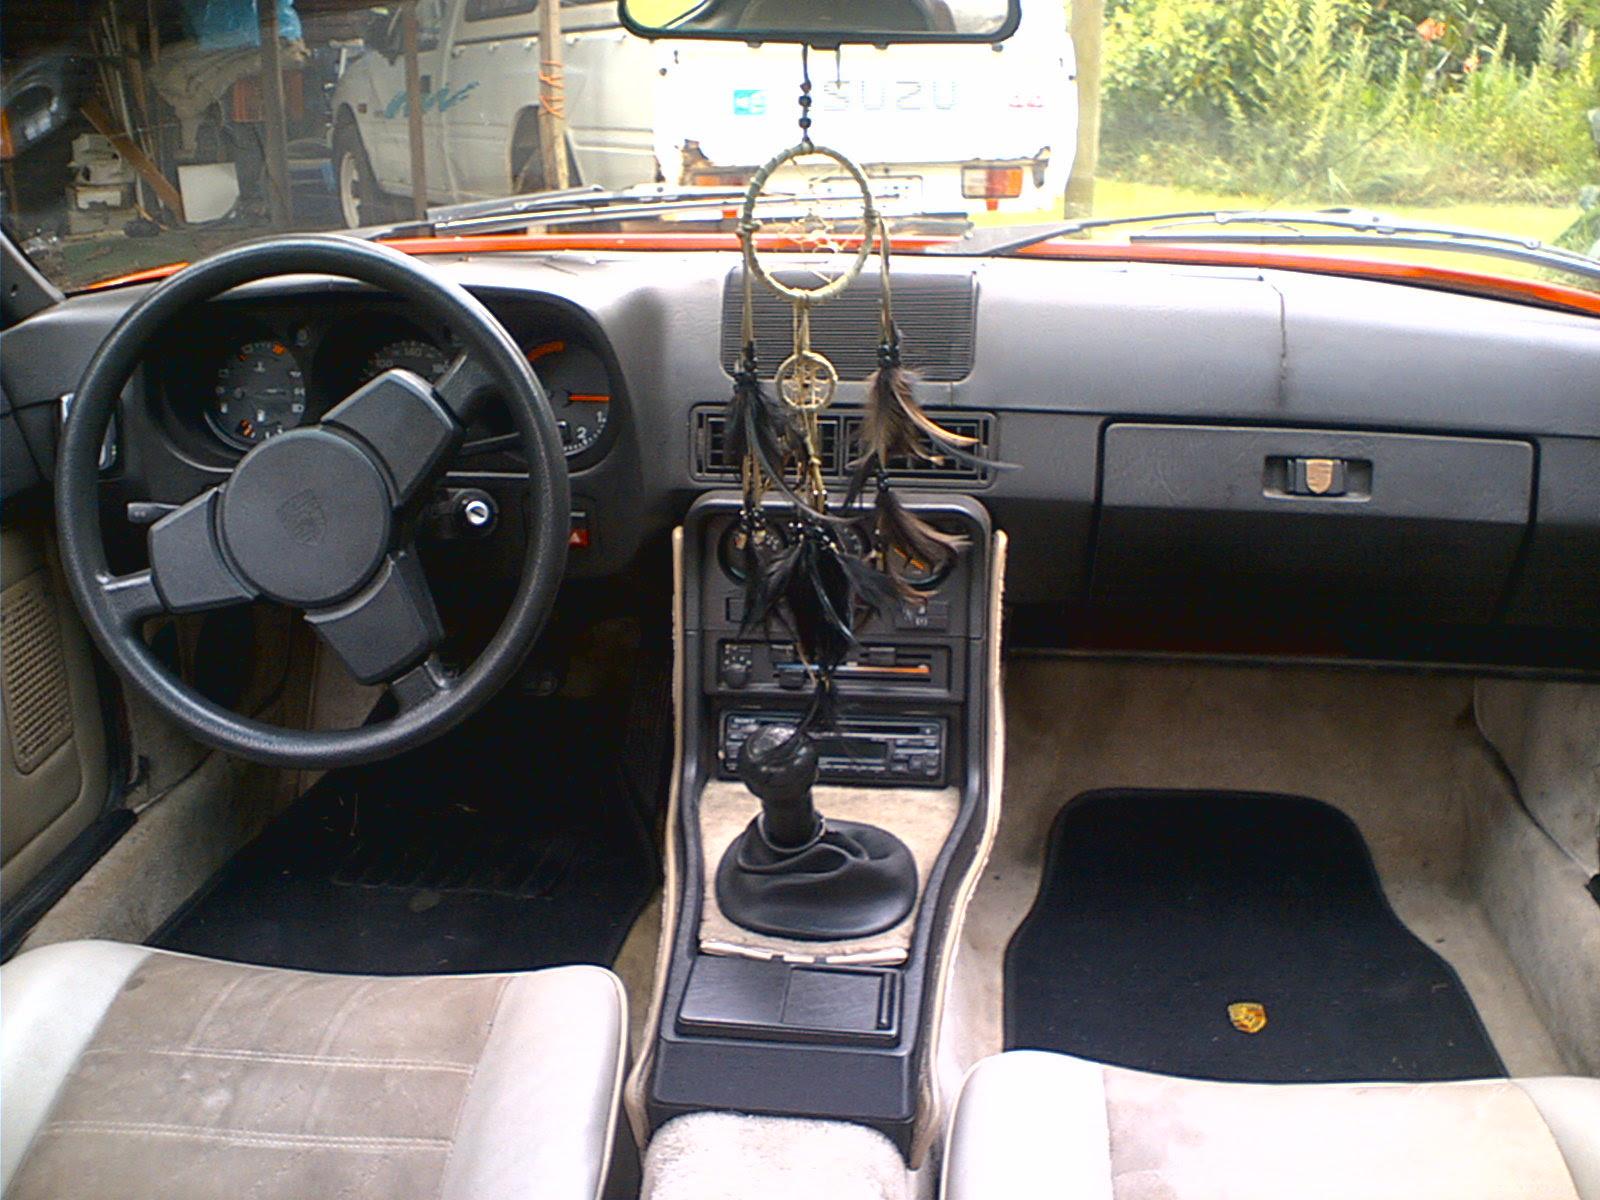 1986 Porsche 924 - Pictures - CarGurus